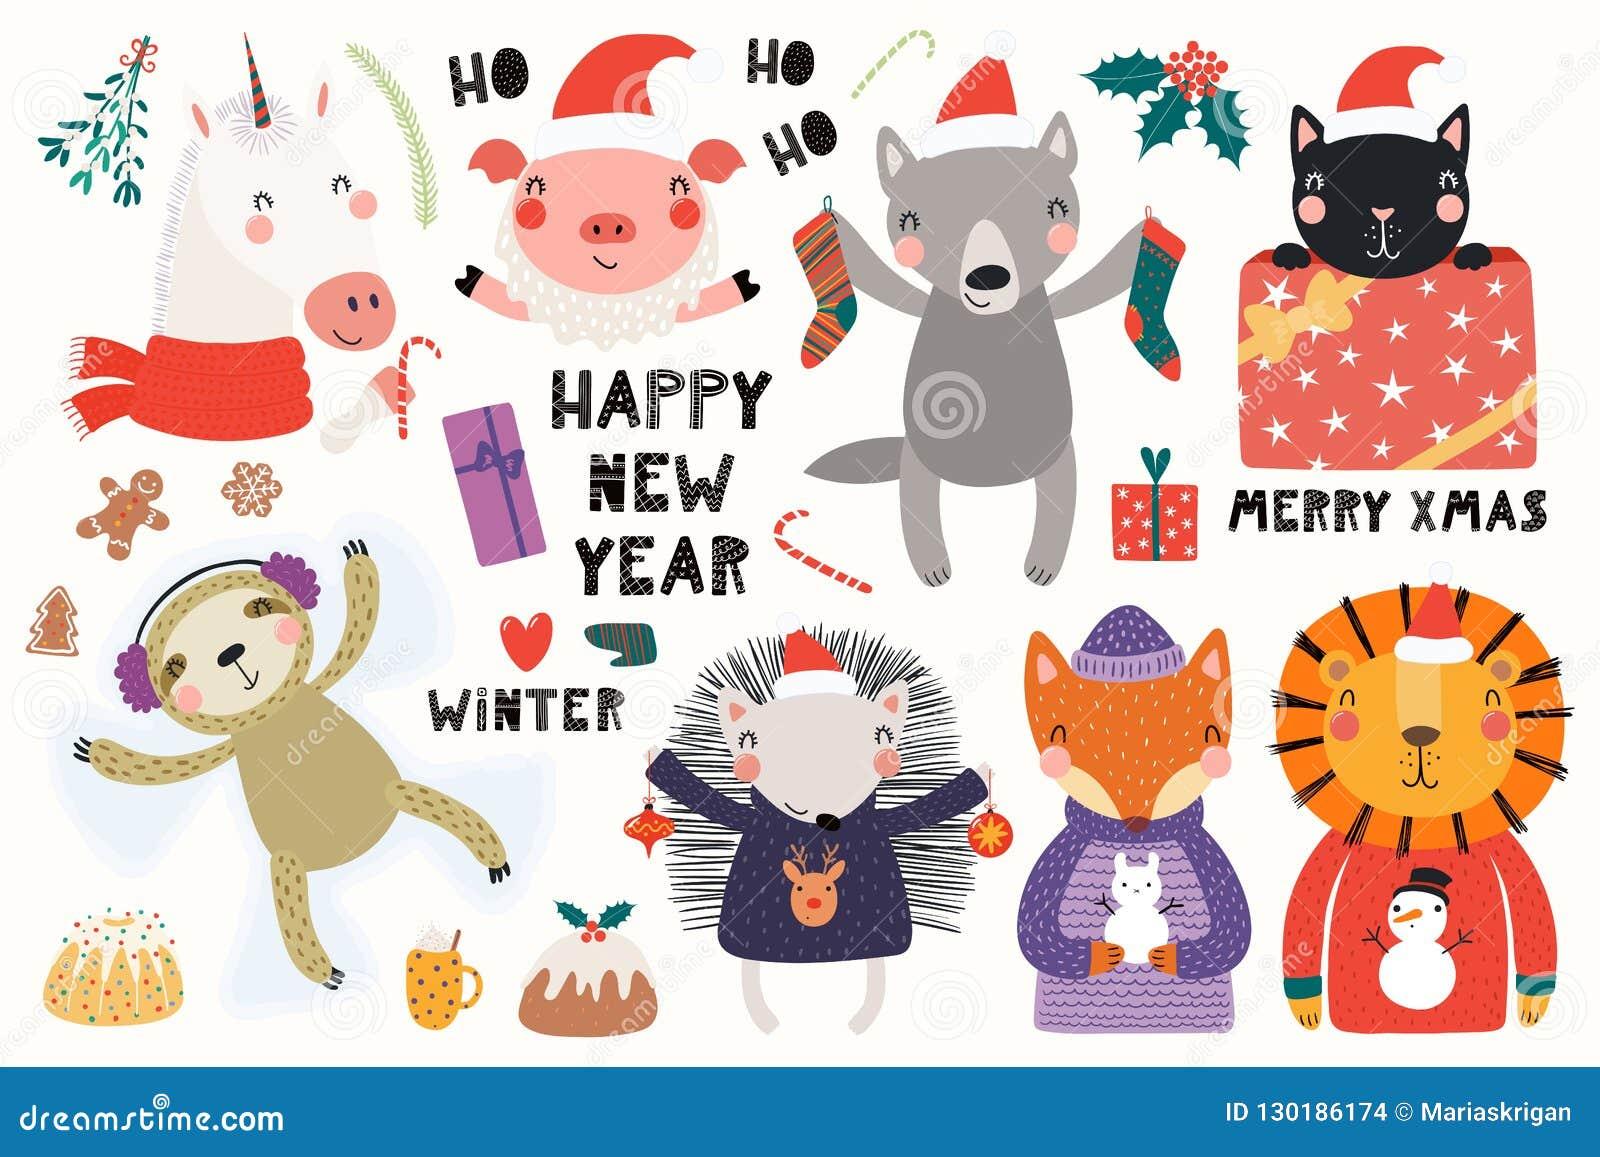 Weihnachtskarten Tiere.Nette Tiere Weihnachtskarte Vektor Abbildung Illustration Von